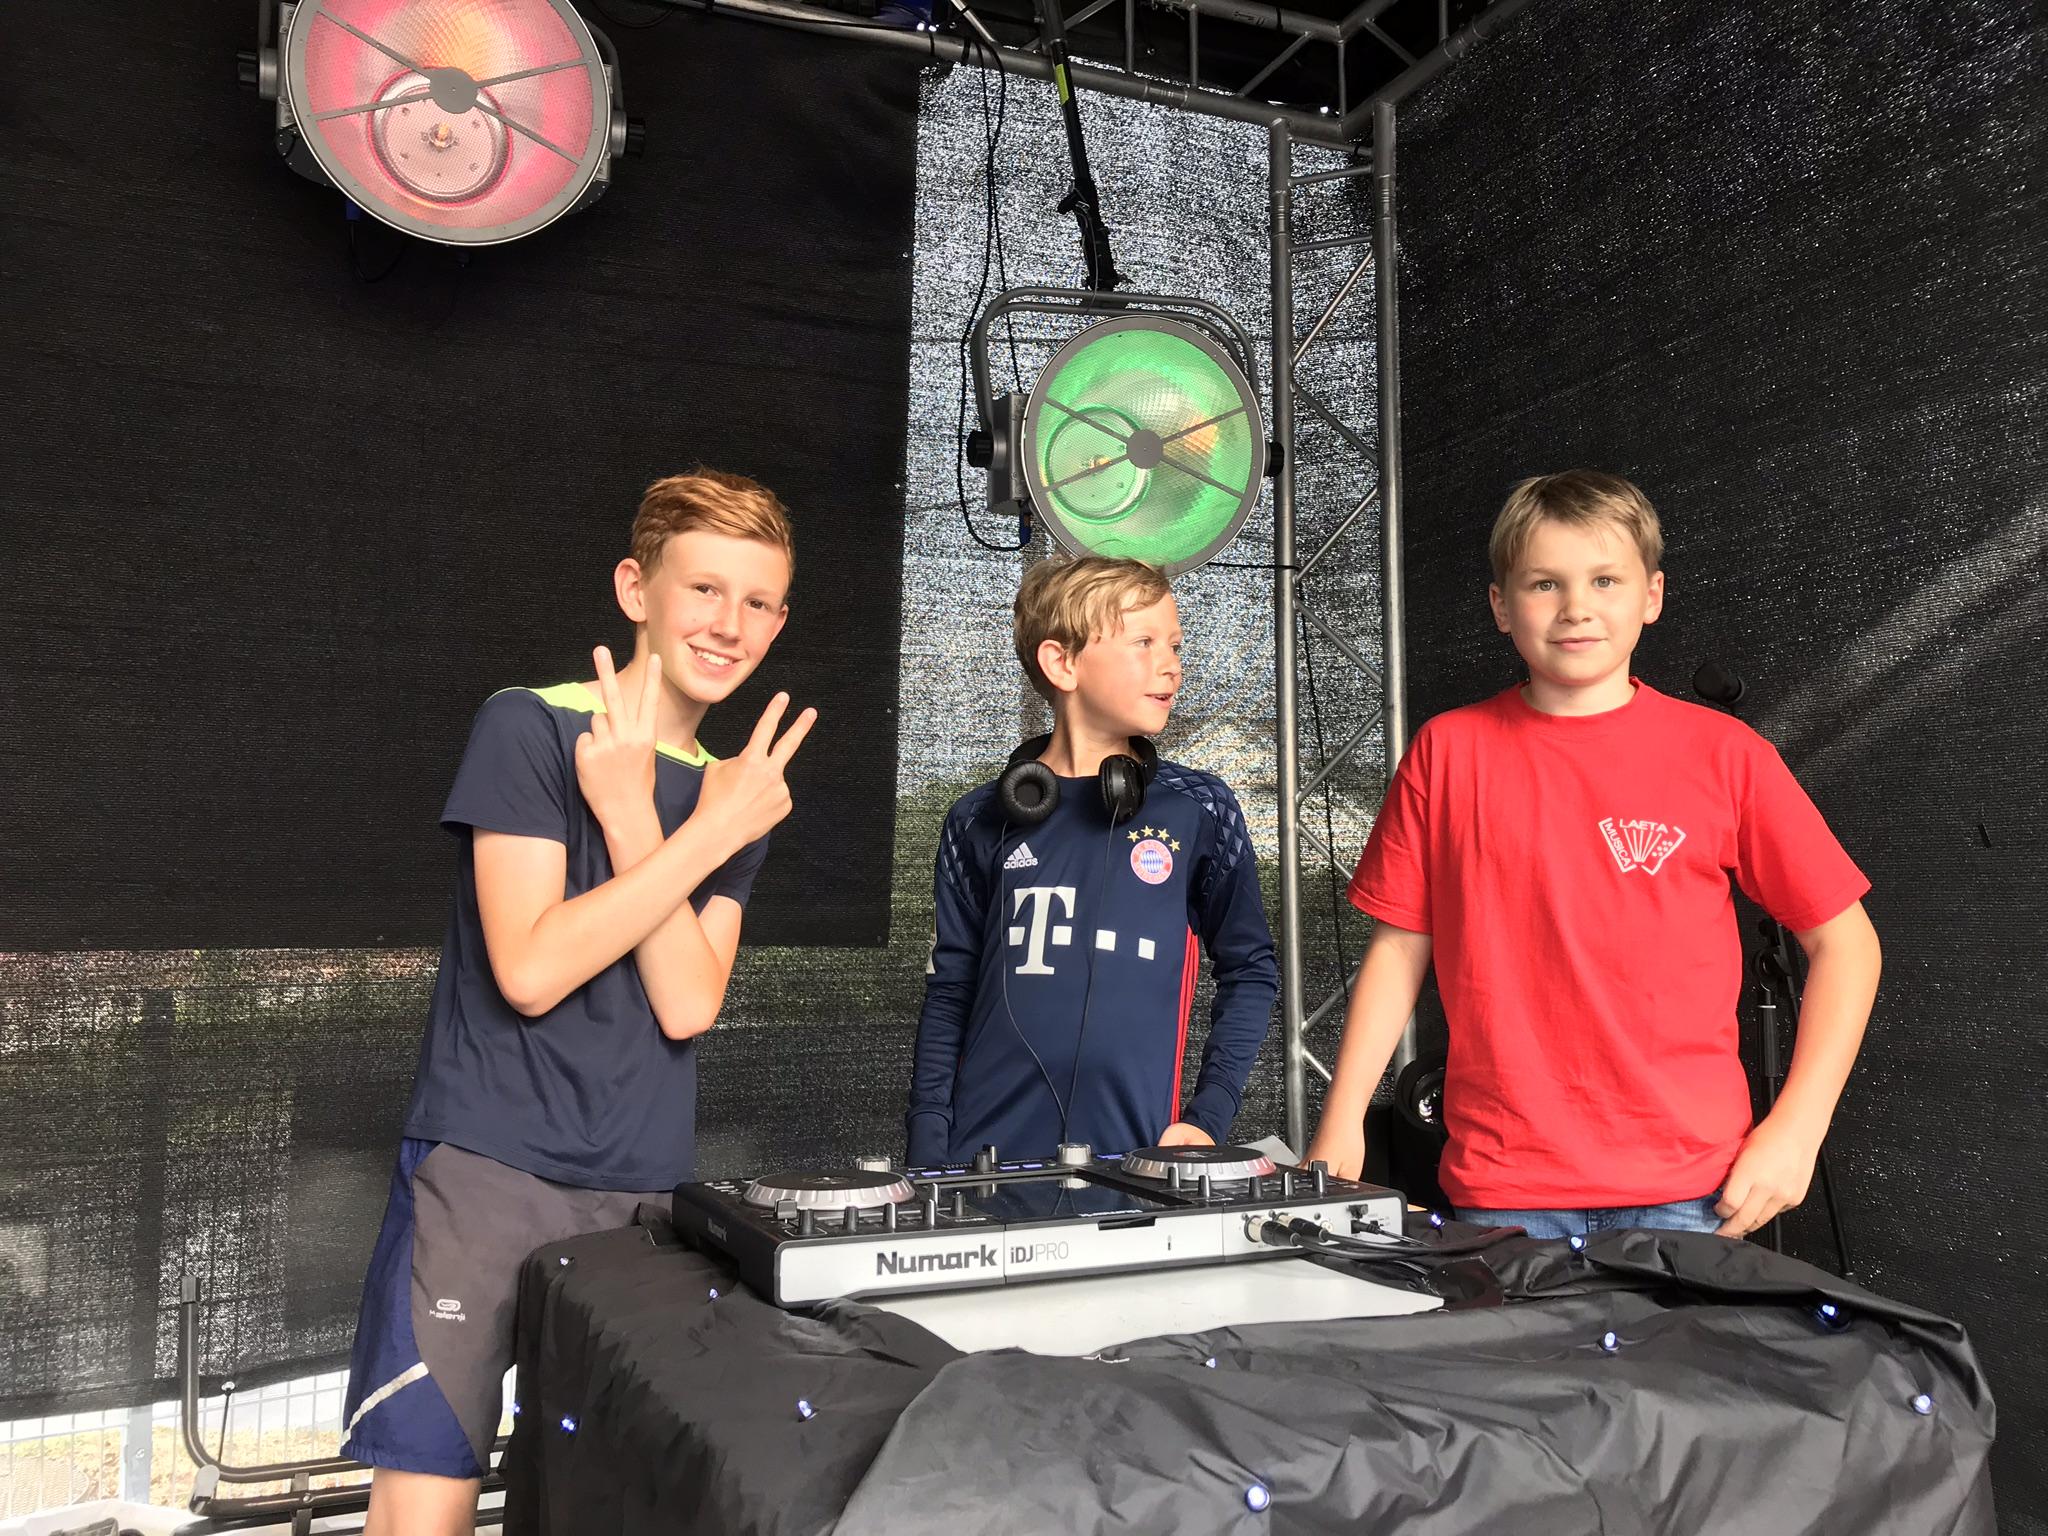 Unsere DJ's von Morgen, kein anderer weiß so gut, was die Kinder zum Abtanzen und Rocken hören wollen.